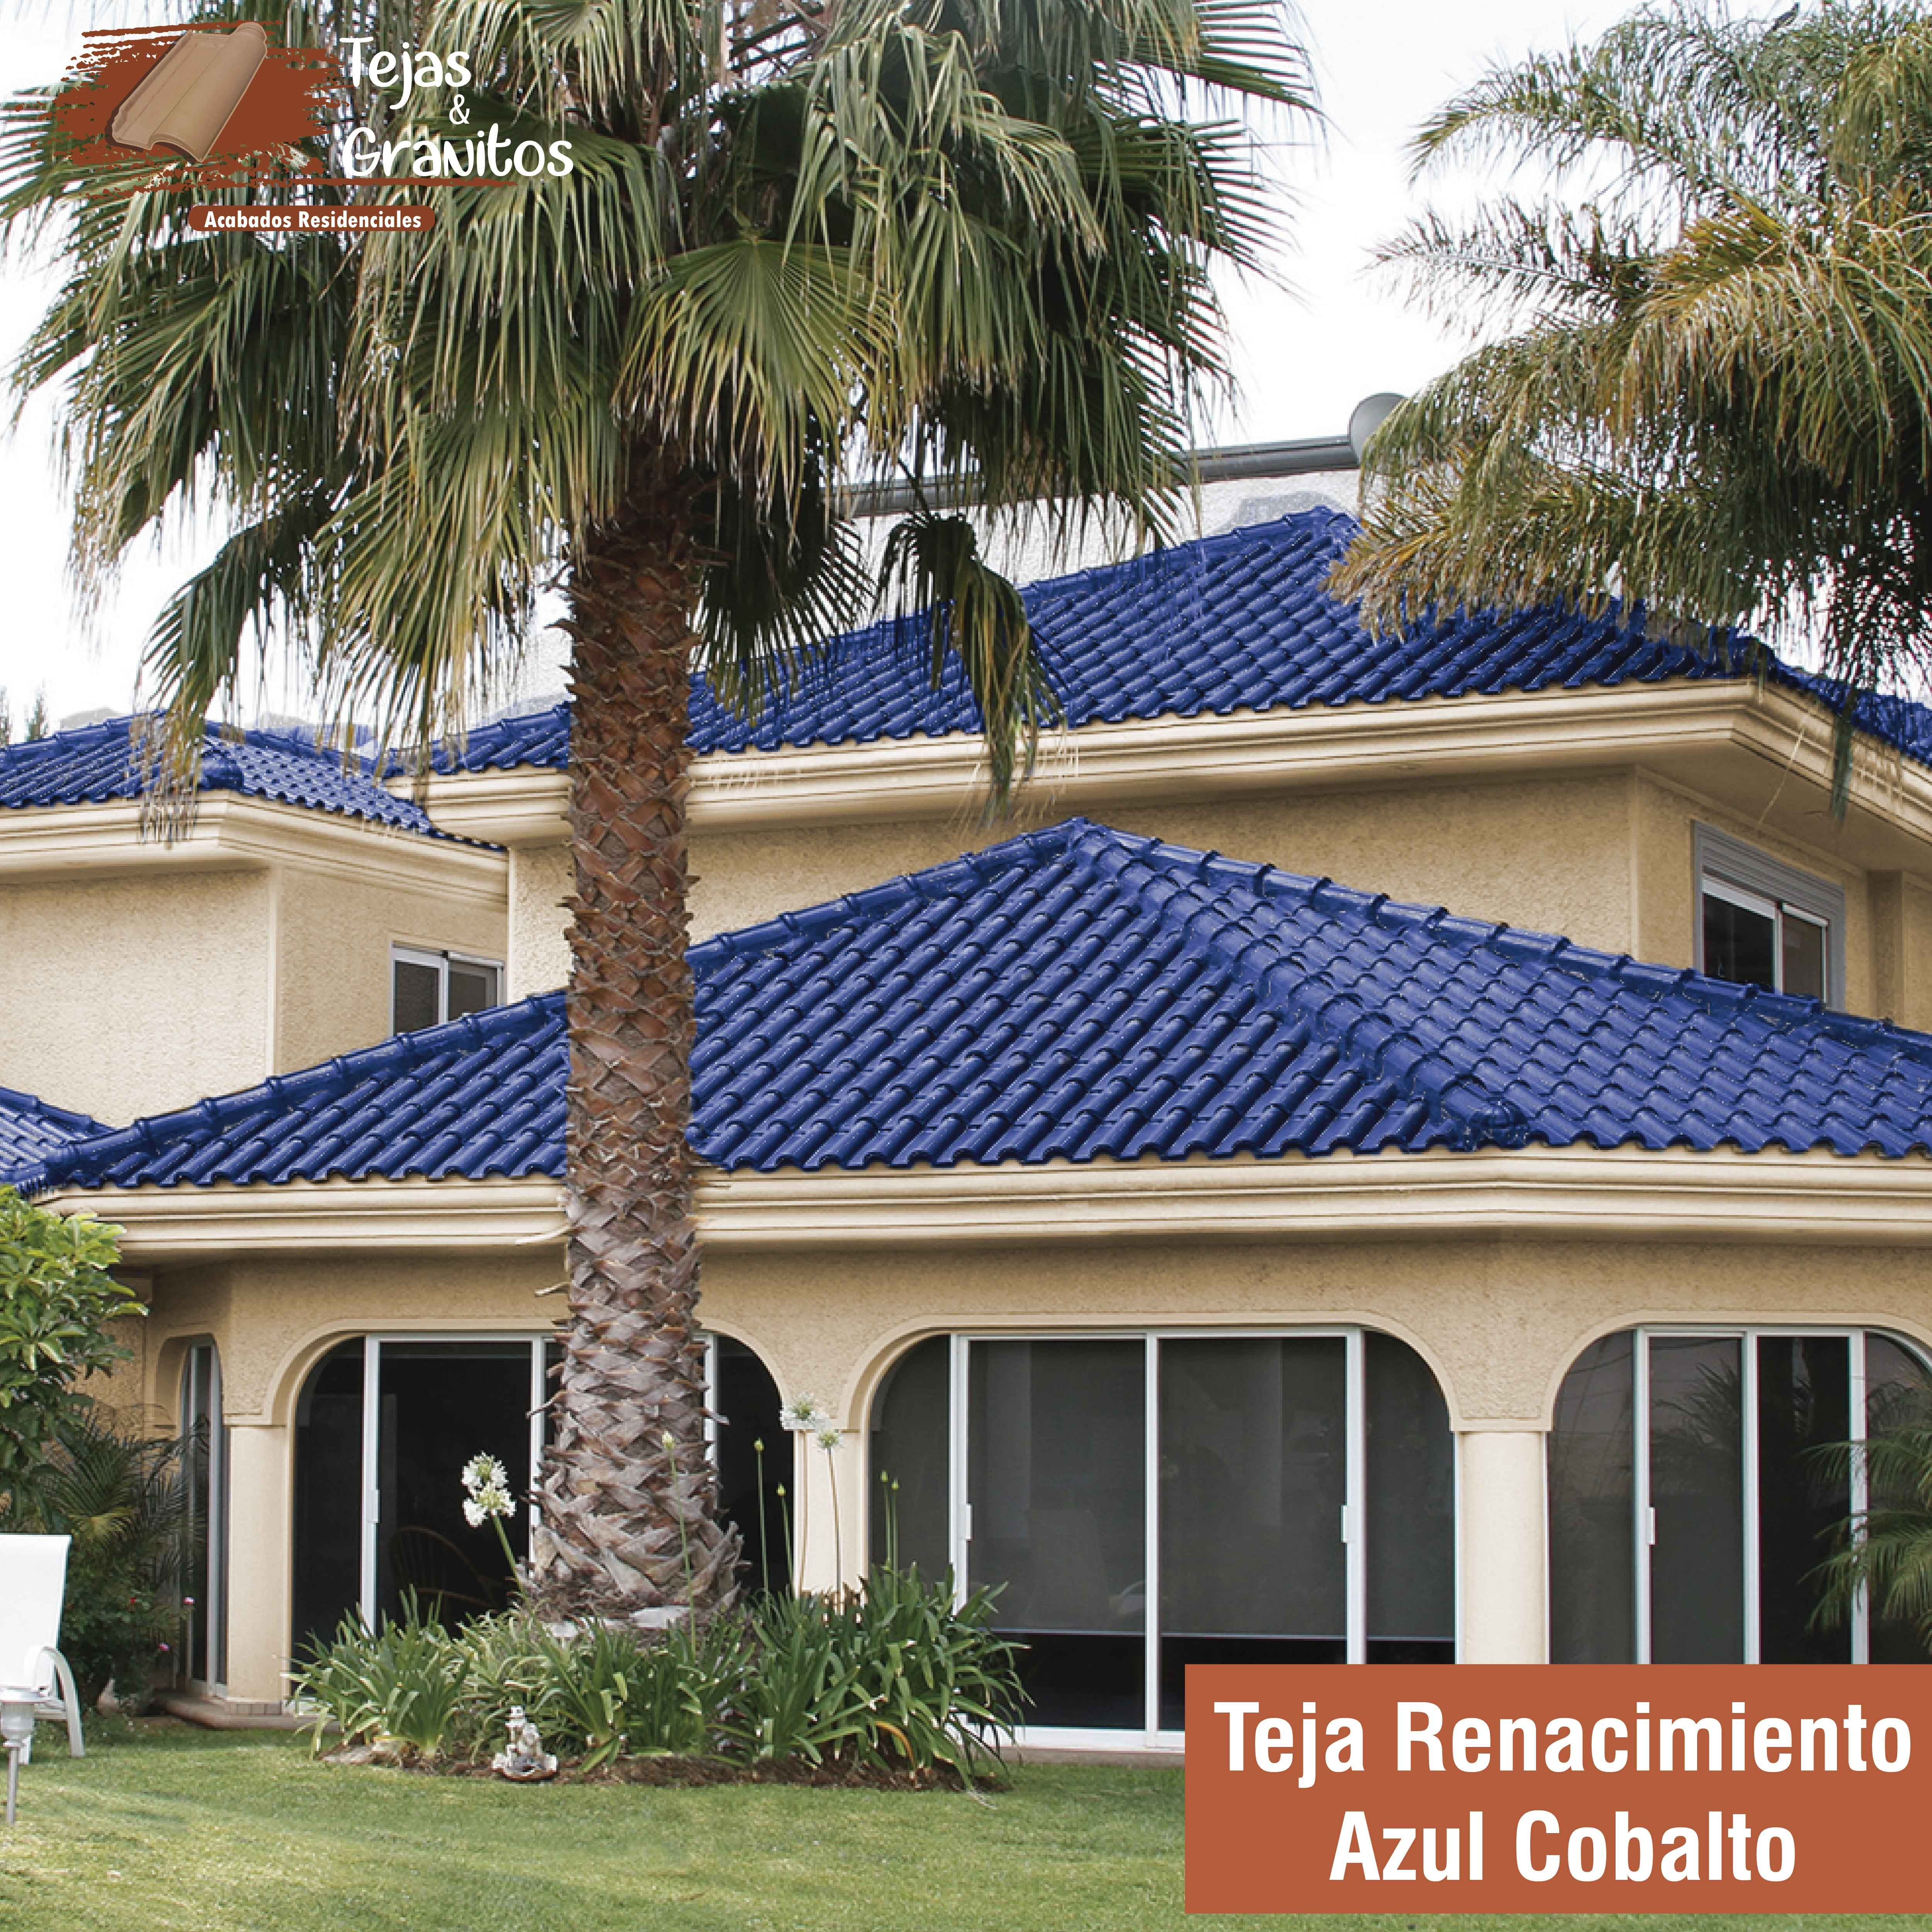 Teja Renacimiento Azul Cobalto Casas Con Tejas Casas De Estilo Colonial Casas Coloridas